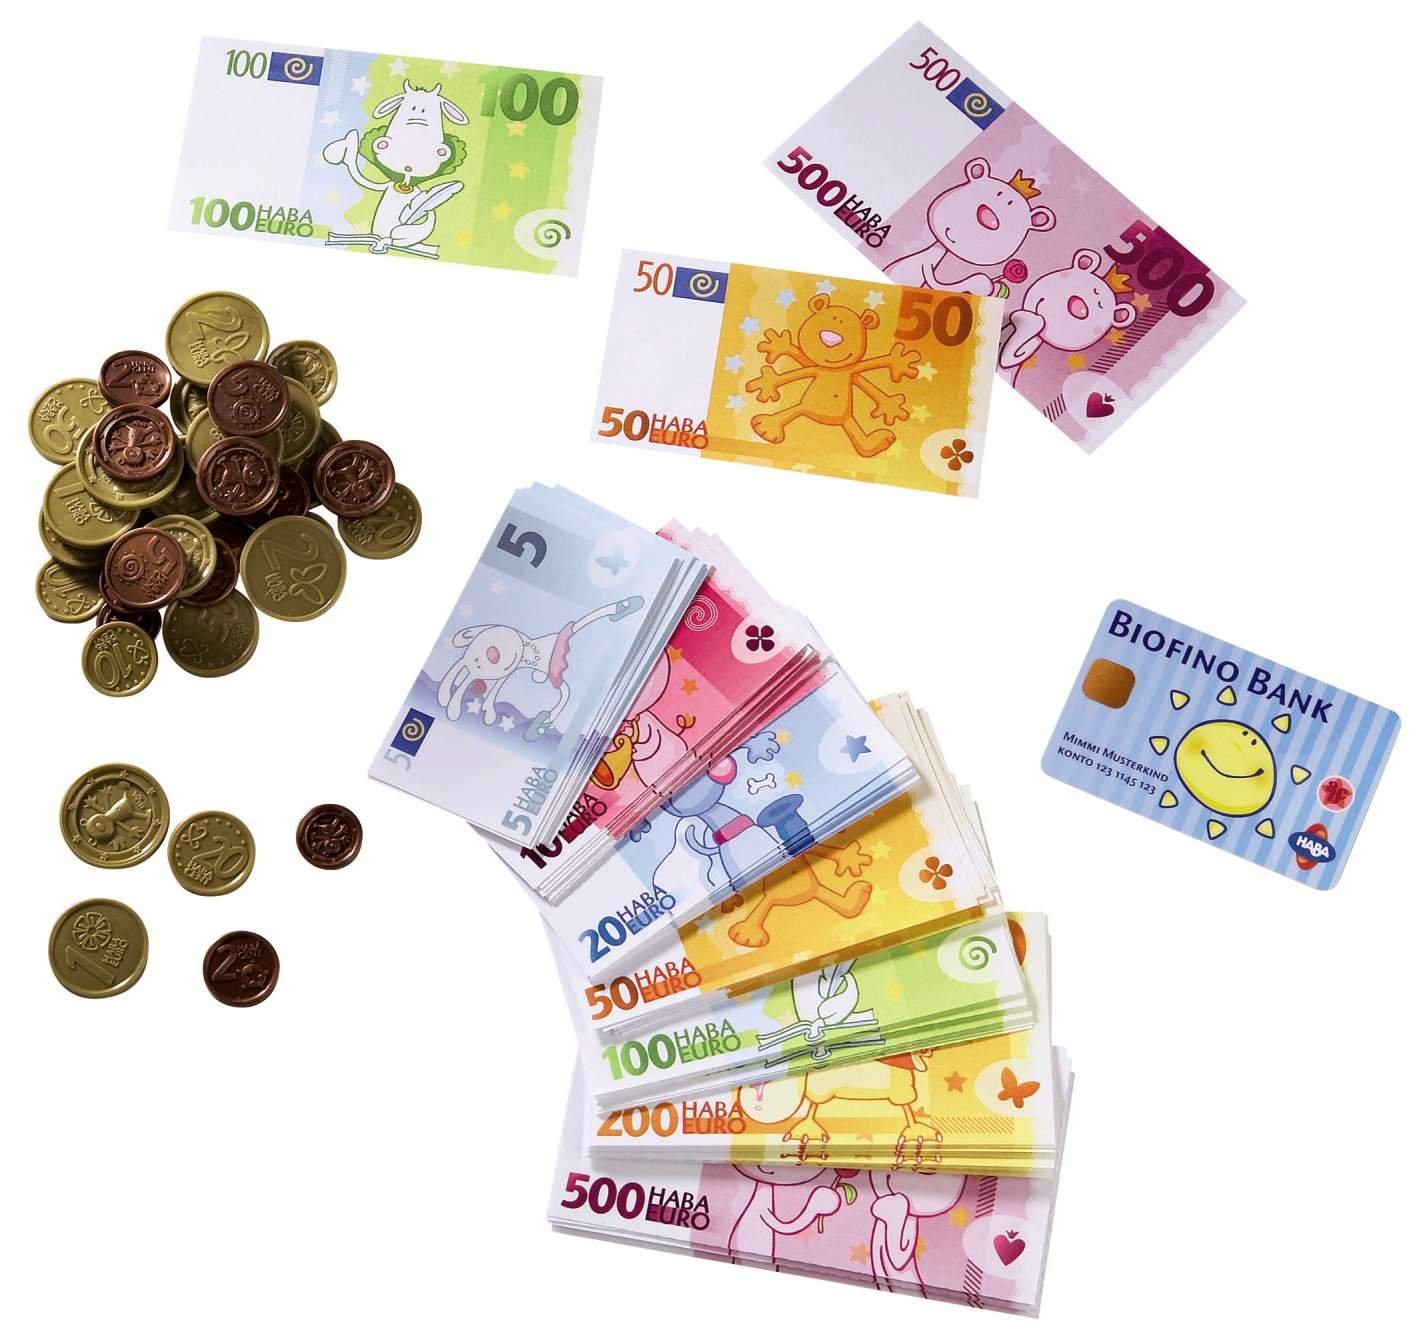 Kaufladen Kasse Holz - Haba Biofino Spielgeld